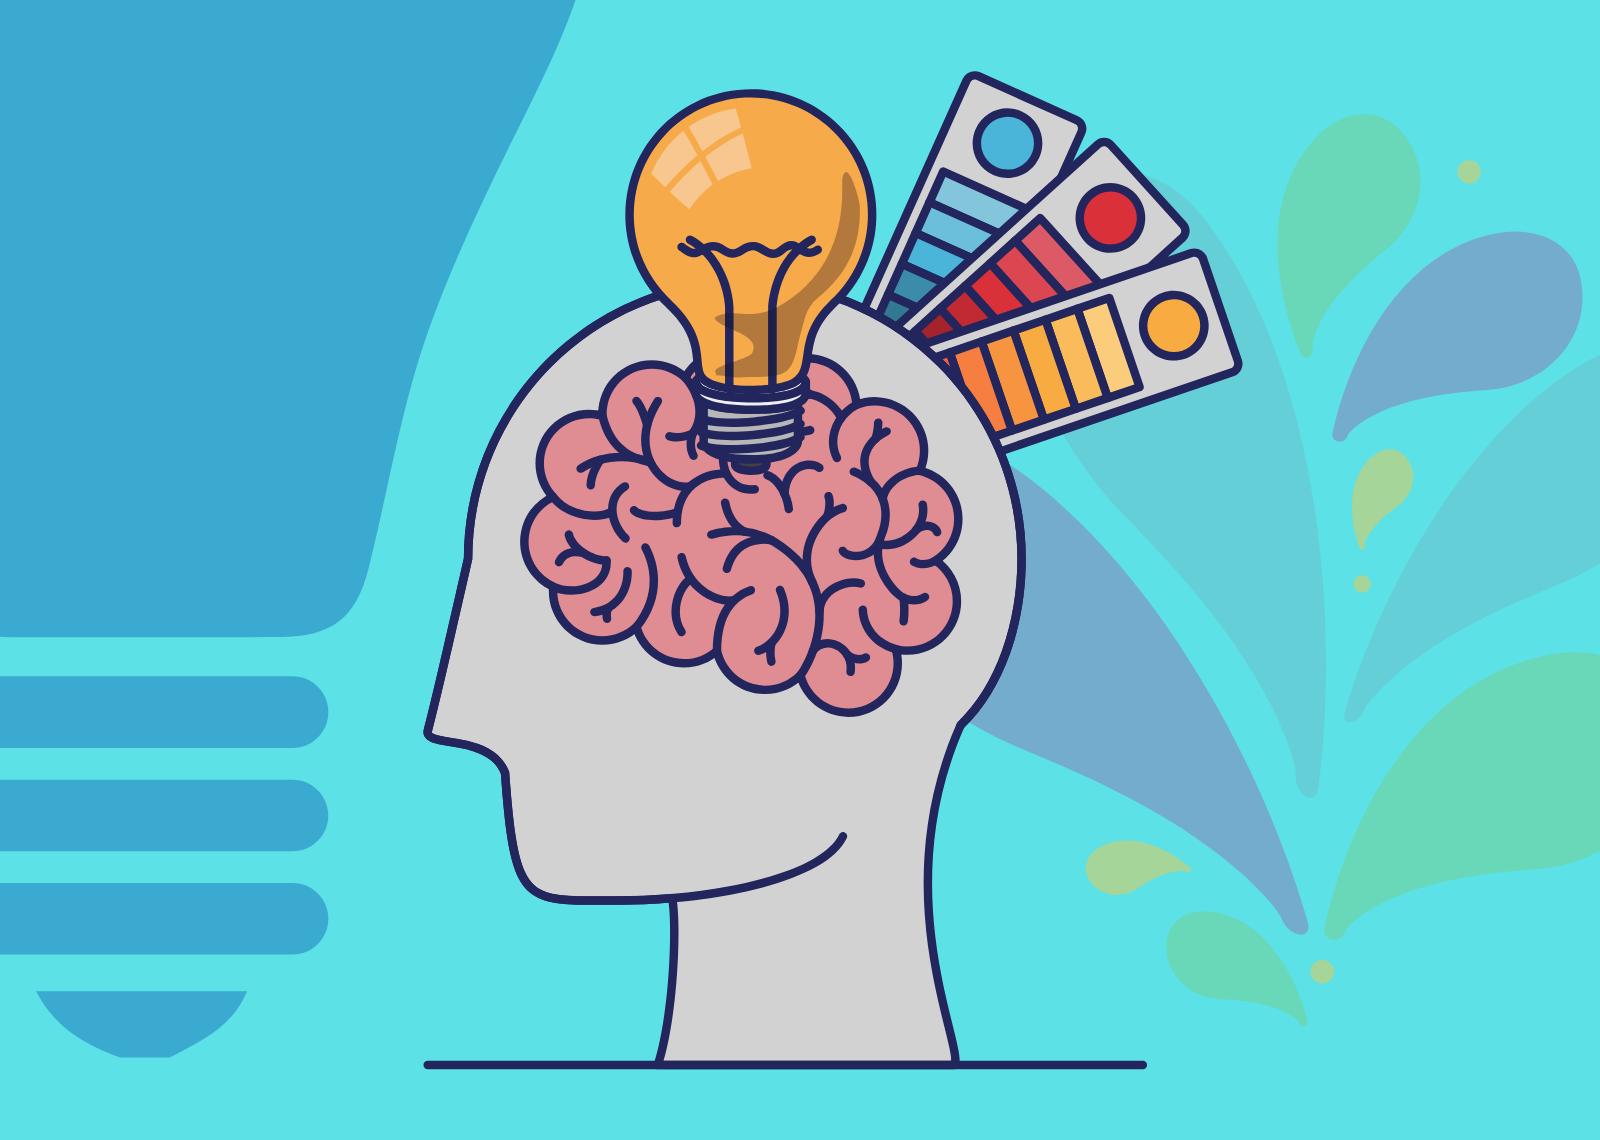 الإبداع في ريادة الأعمال